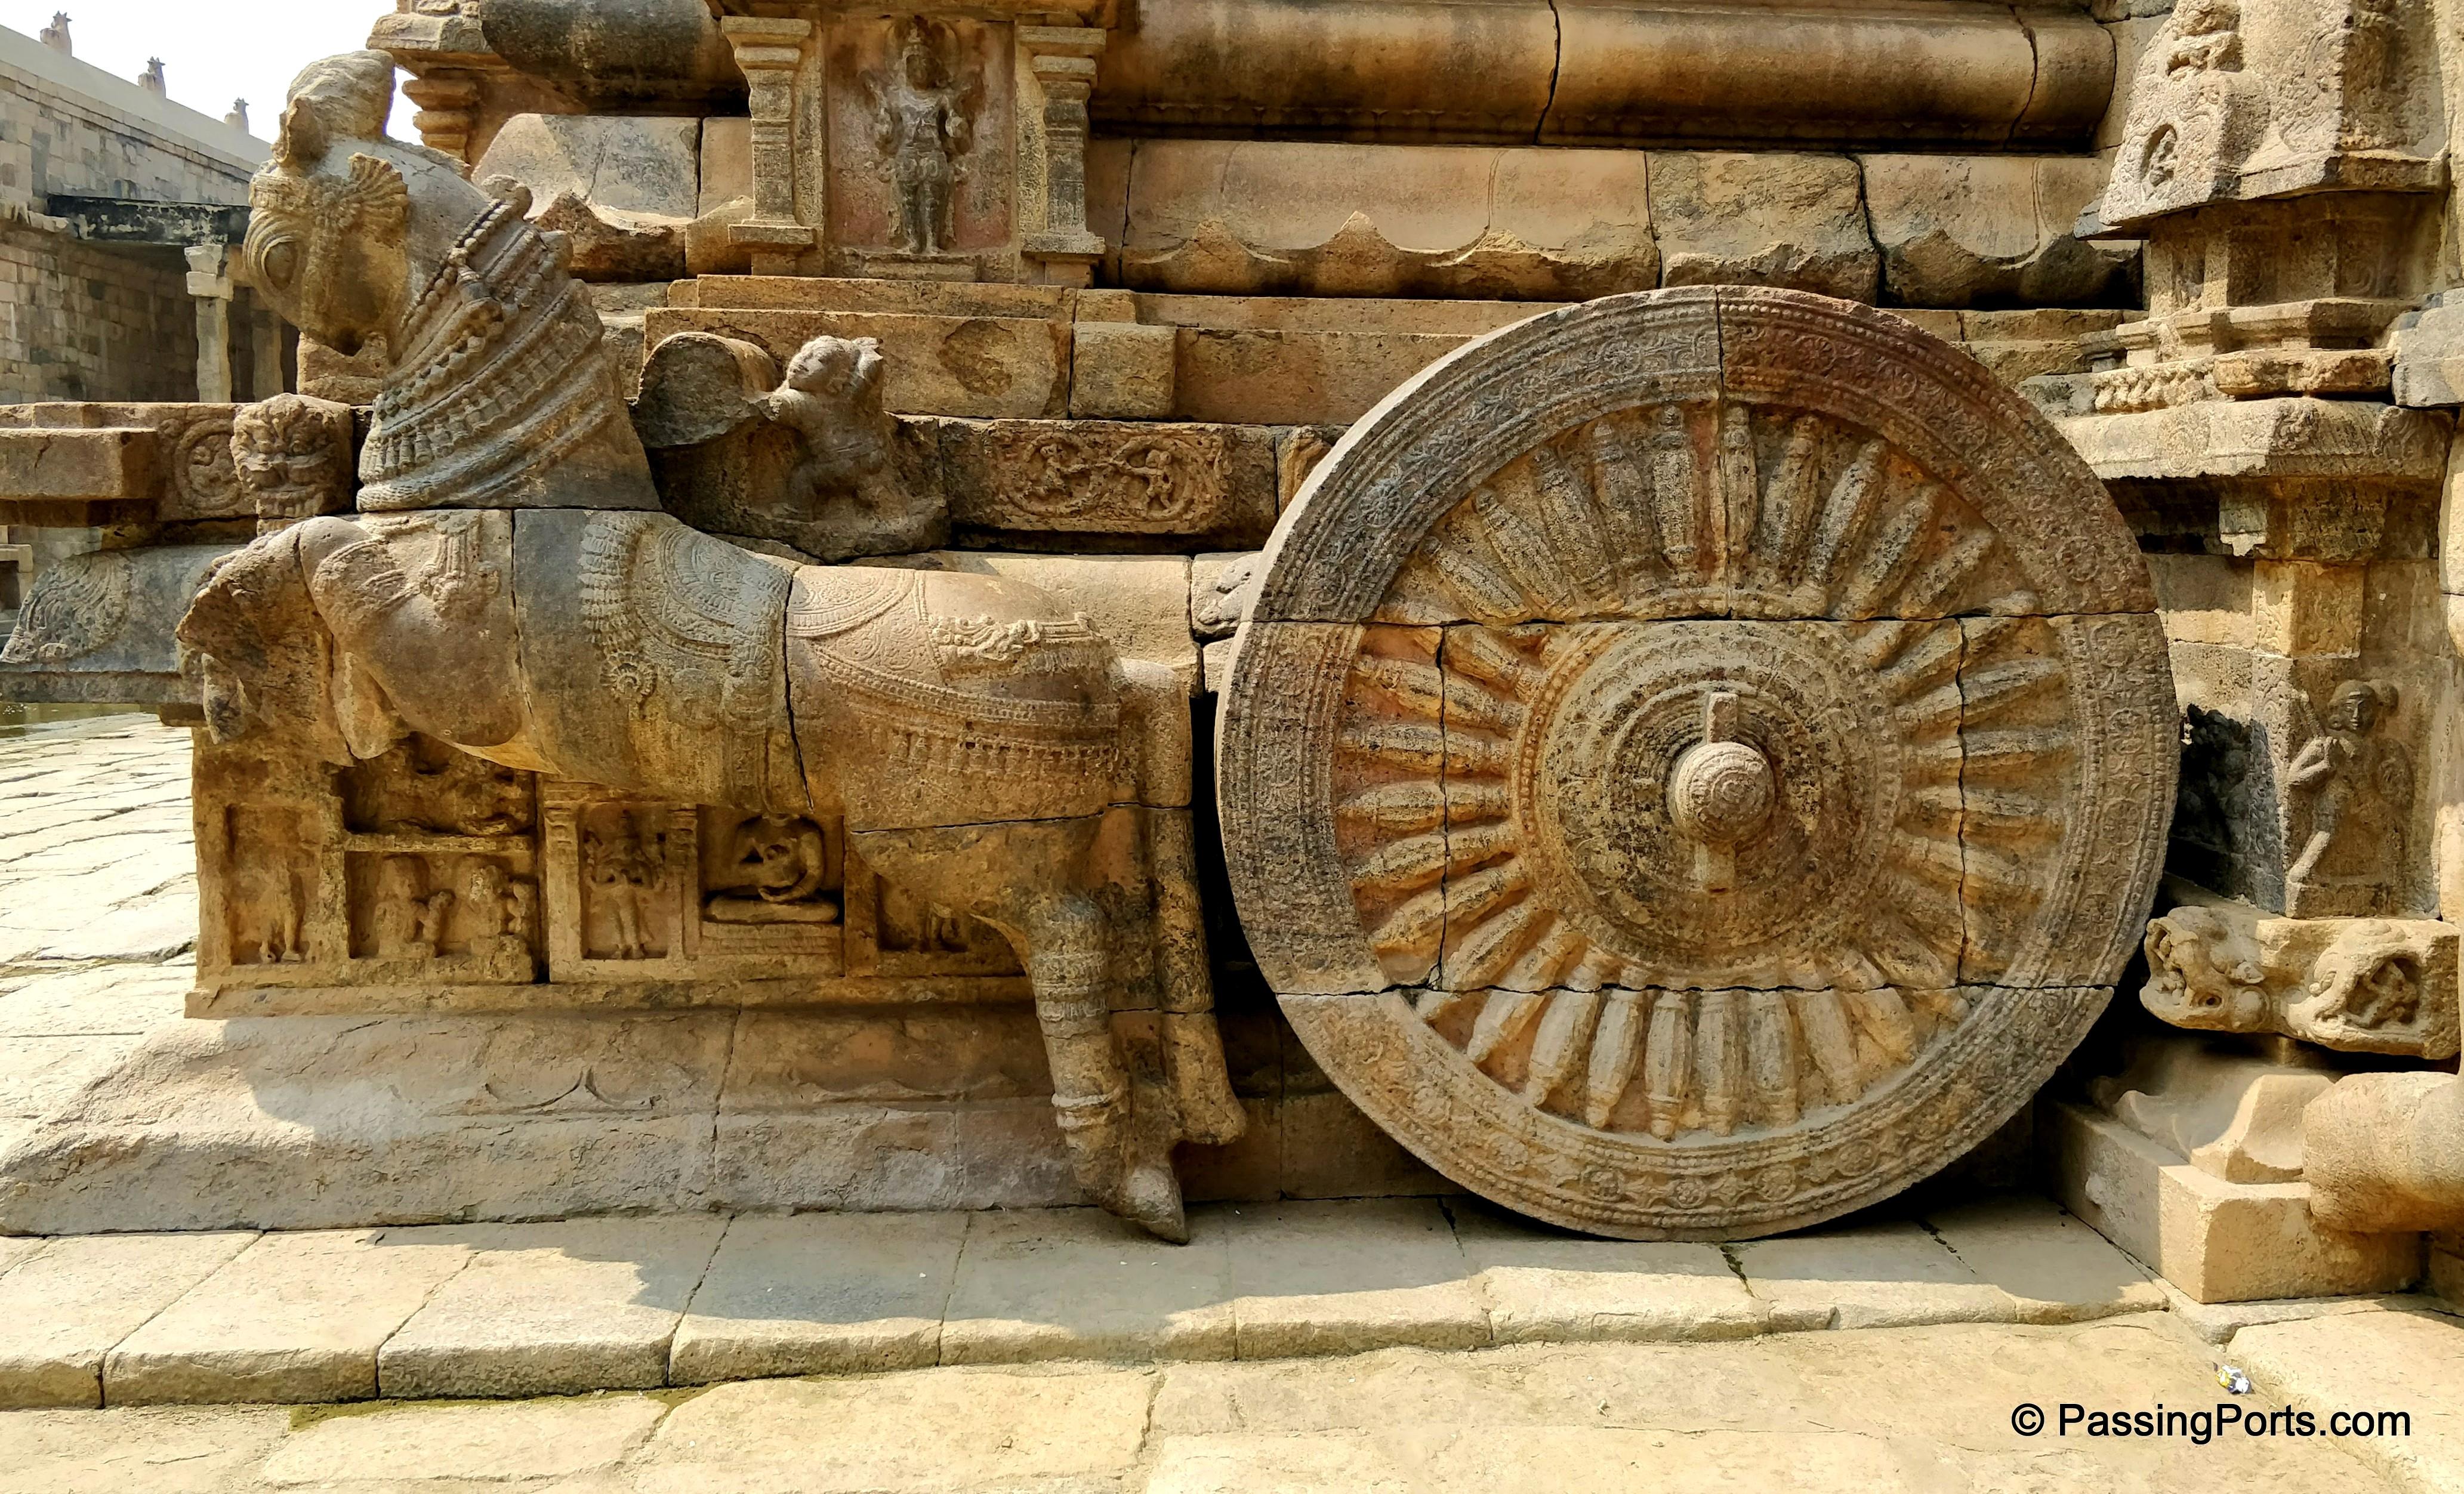 Chariot in Darasuram Temple